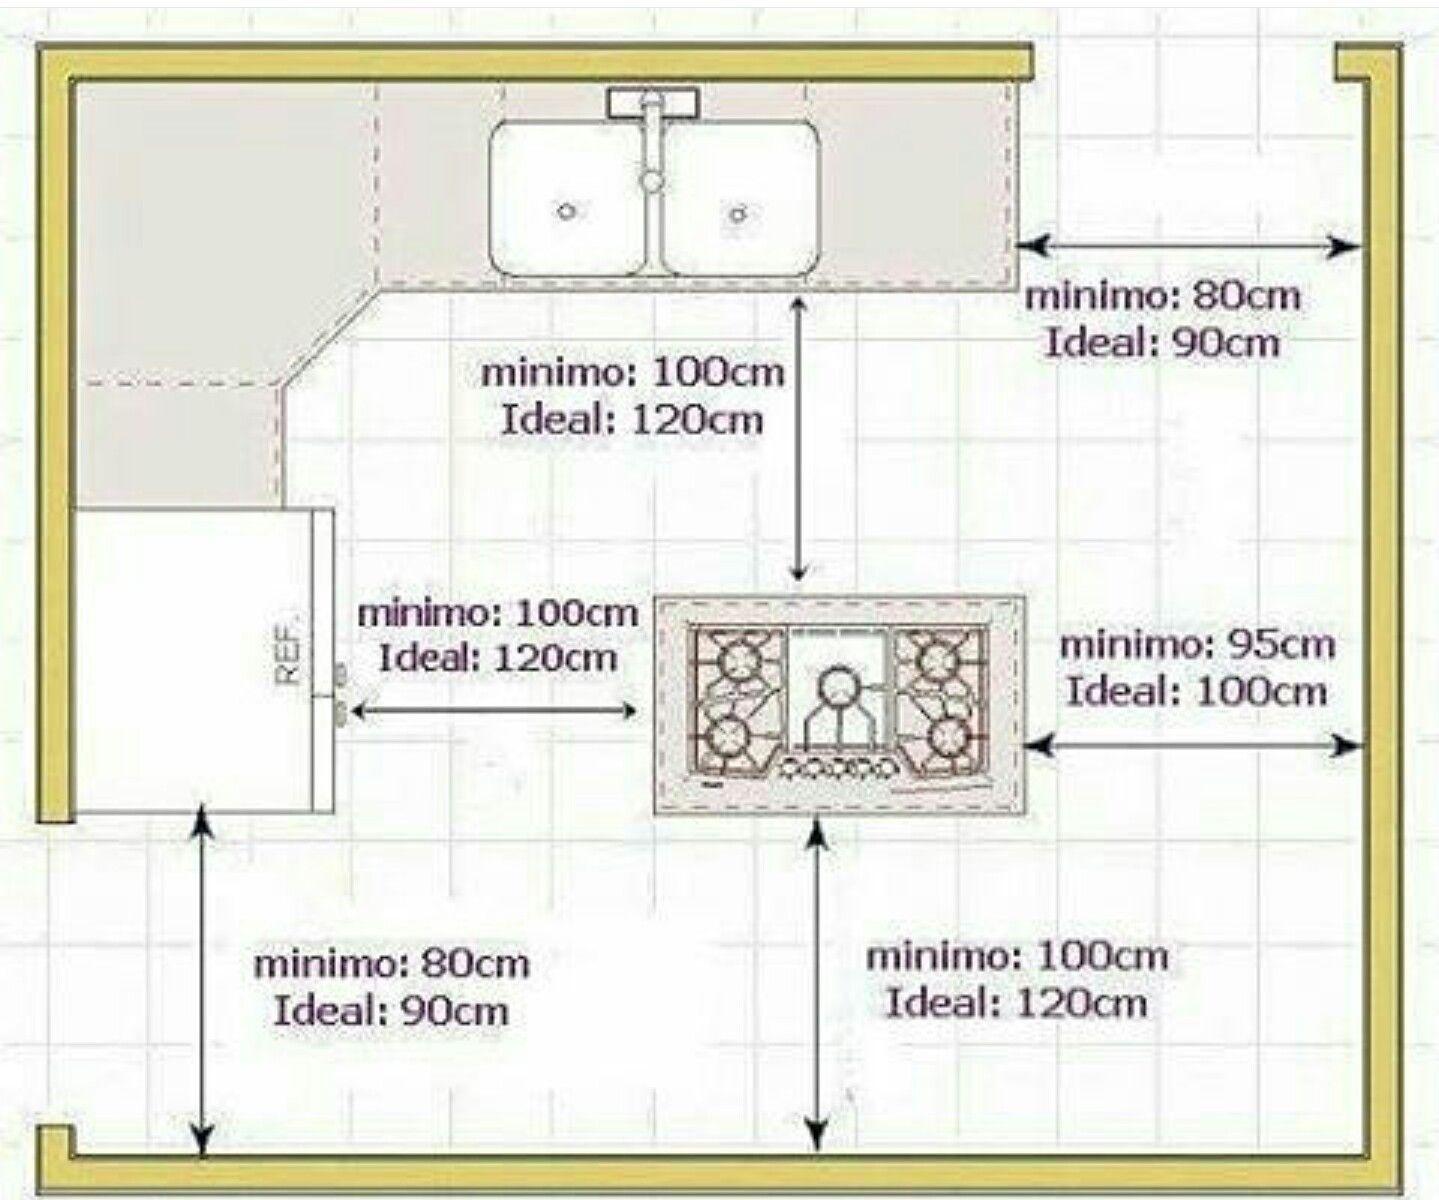 dise o de cocinas industriales planos casa dise o